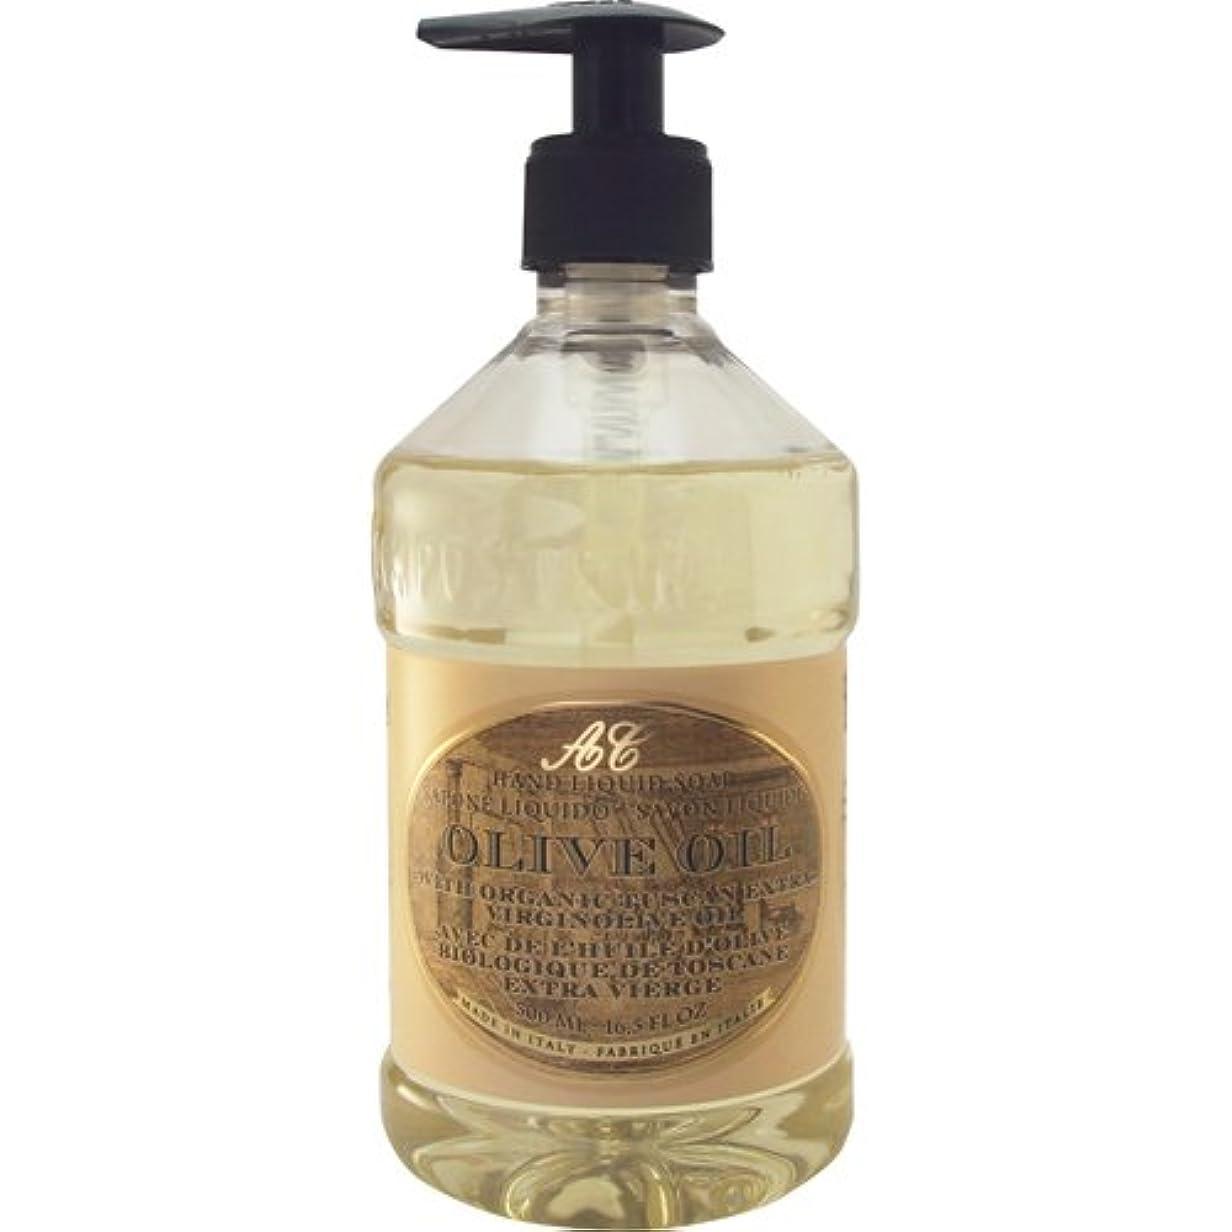 教養があるシャンプー編集者Saponerire Fissi レトロシリーズ Liquid Soap リキッドソープ 500ml Olive Oil オリーブオイル